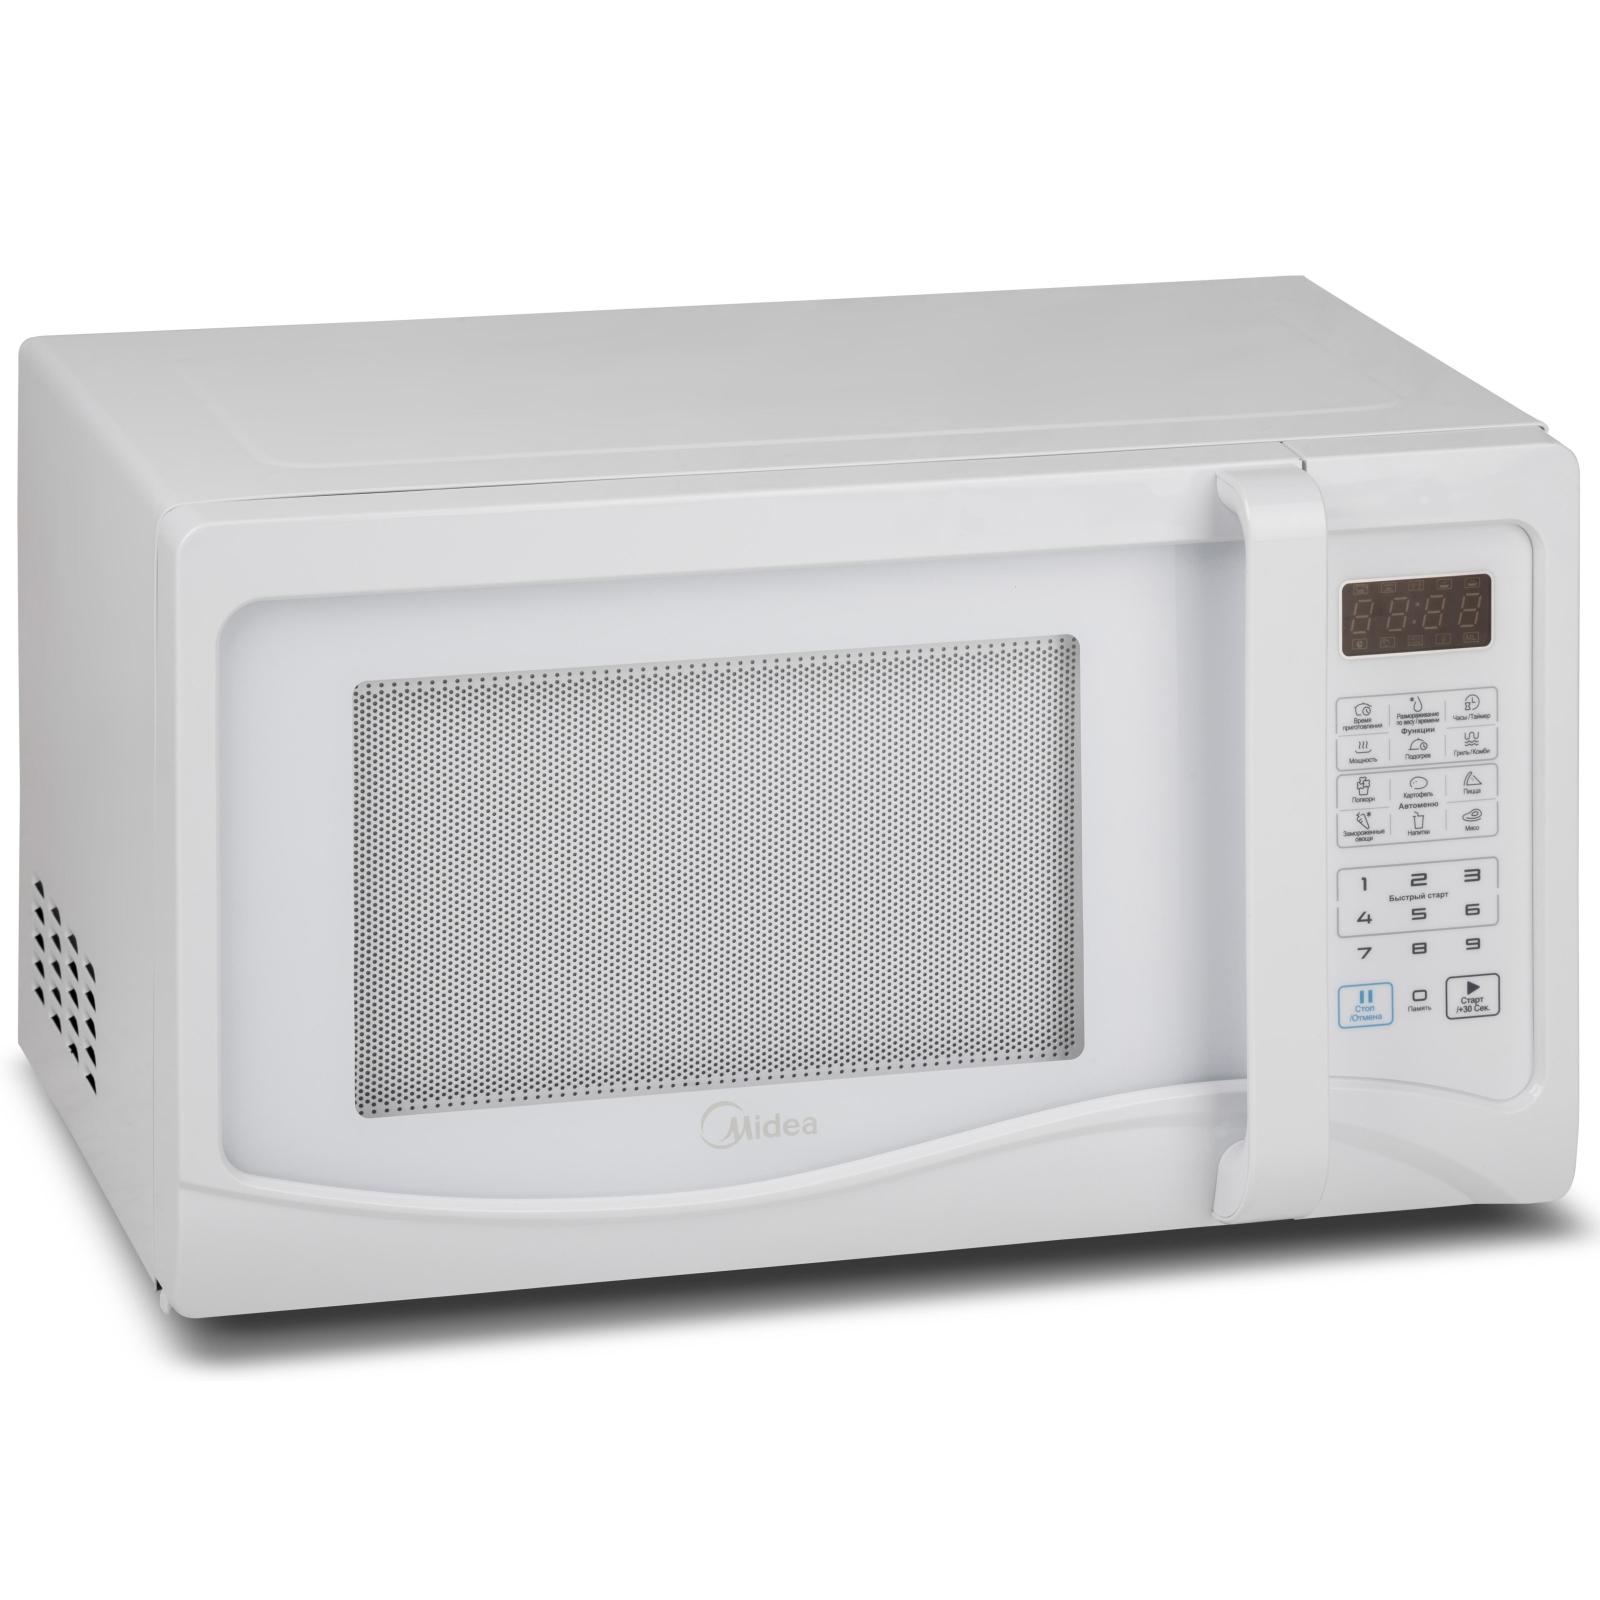 Микроволновая печь Midea EM720CEE изображение 2